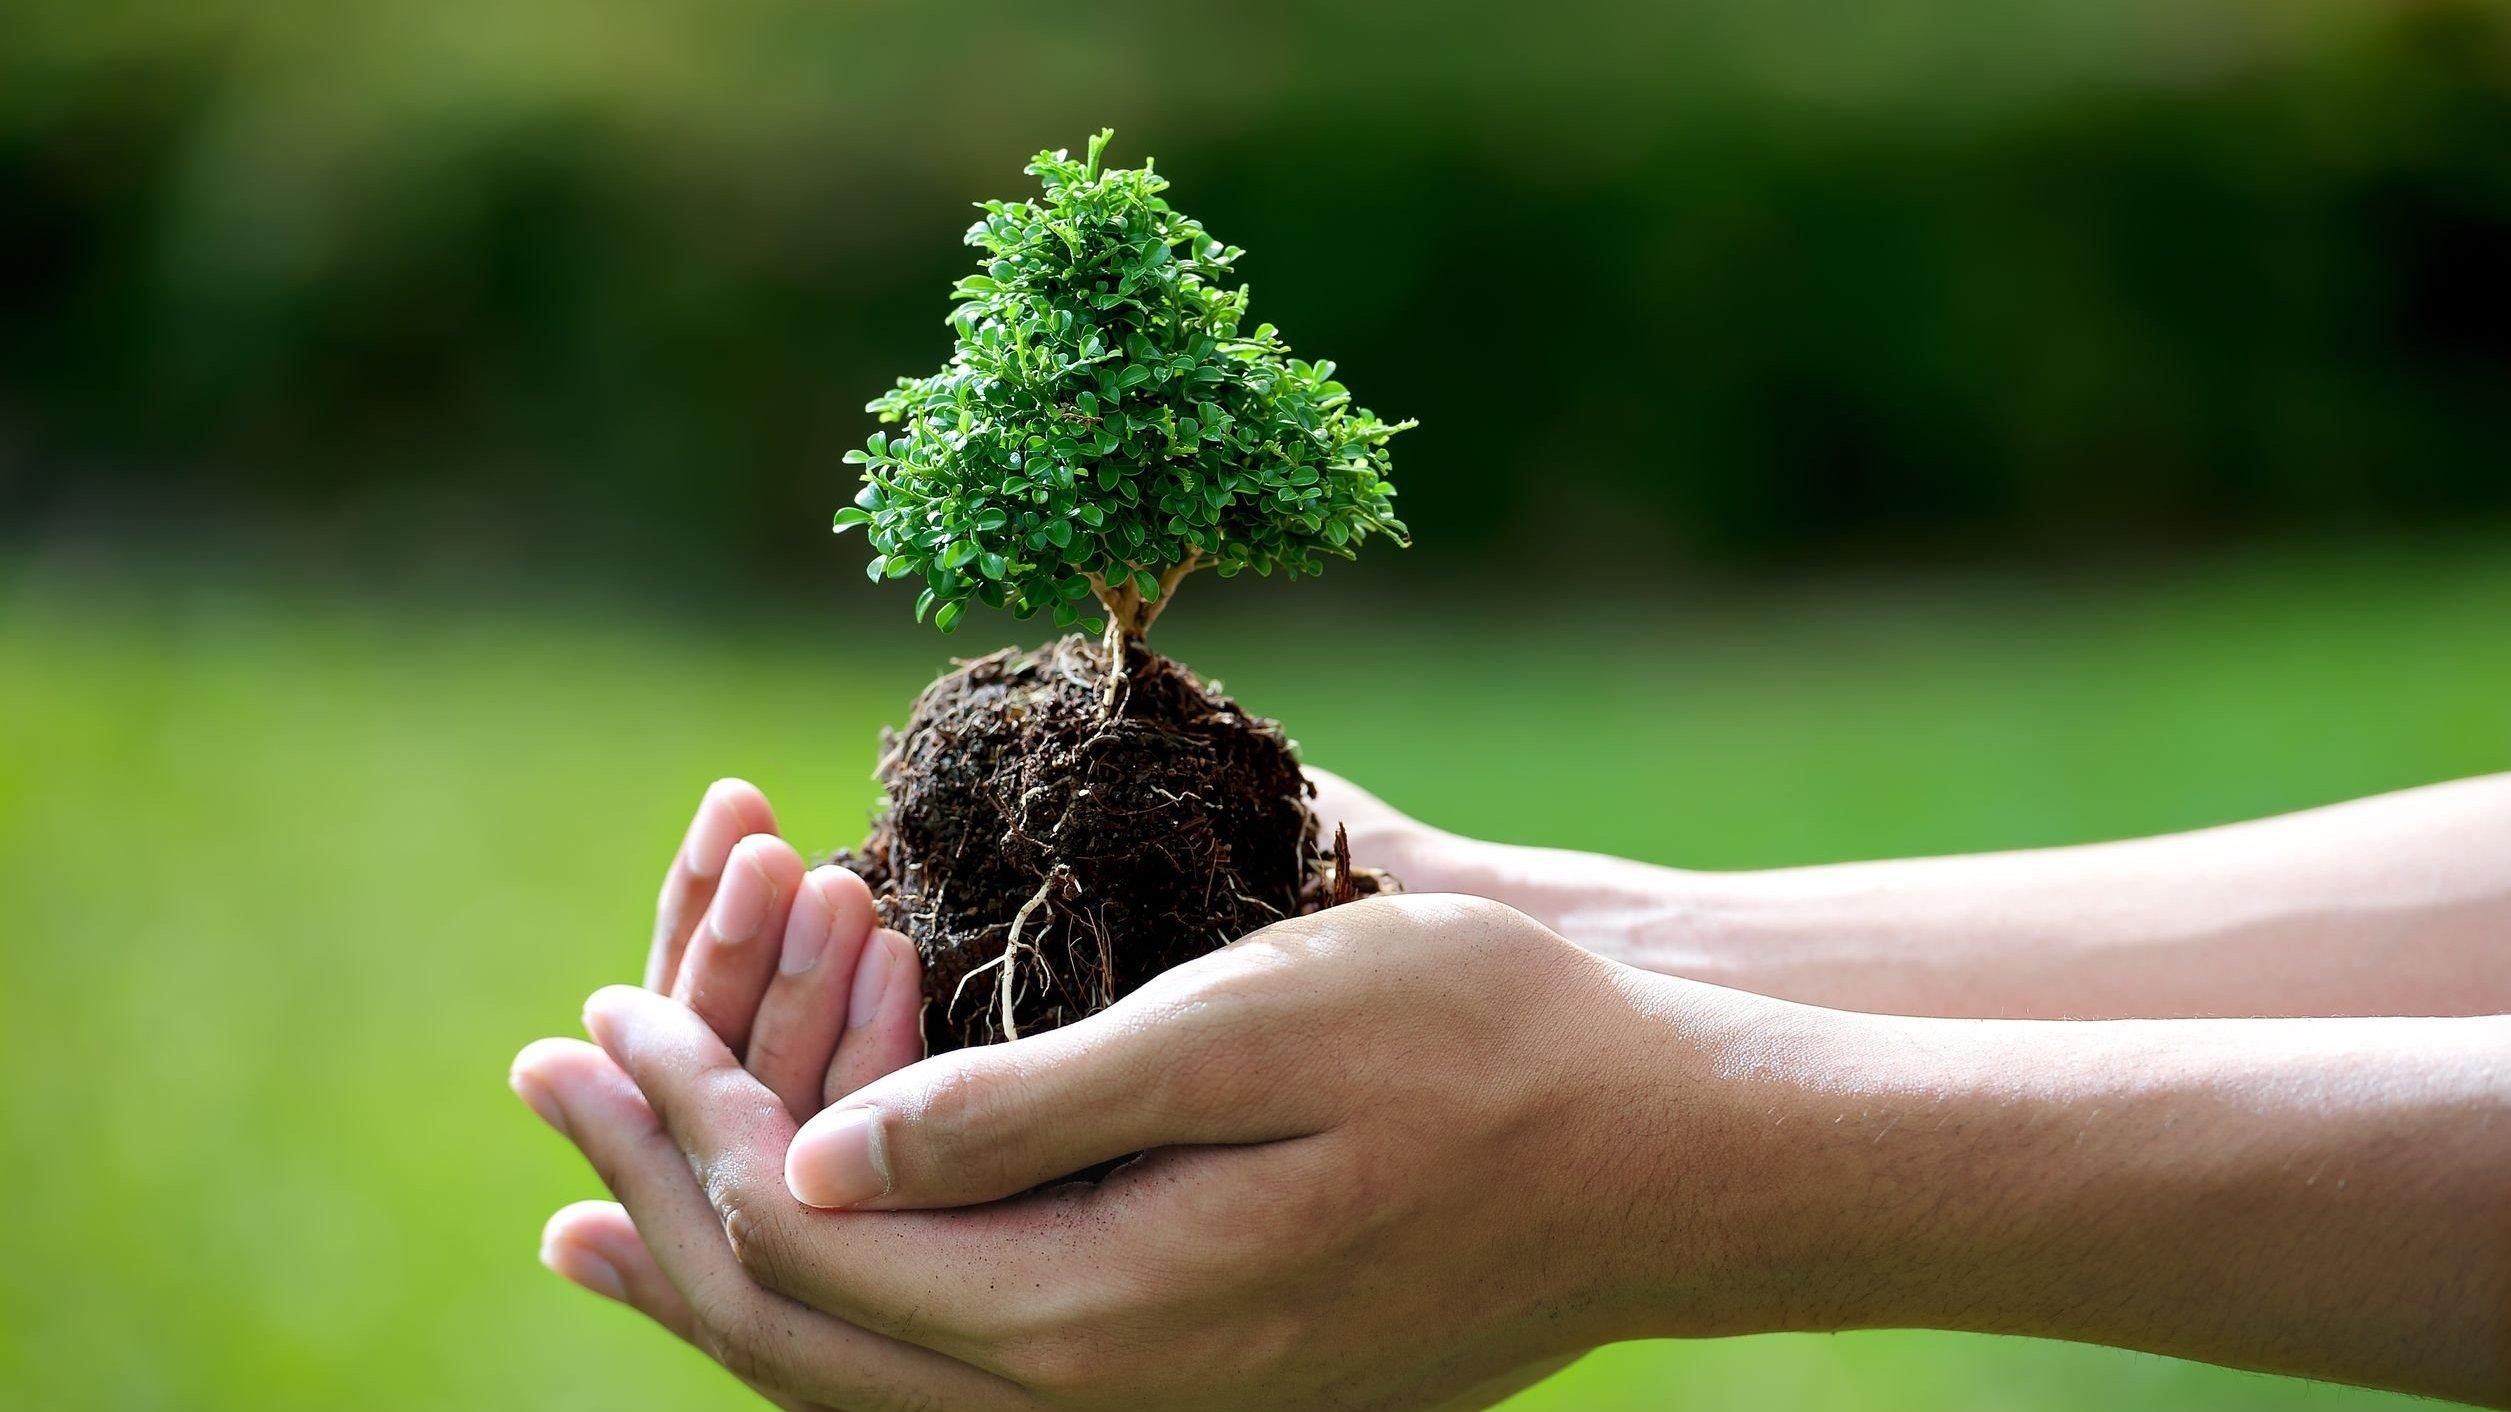 Mãos segurando uma pequena planta.